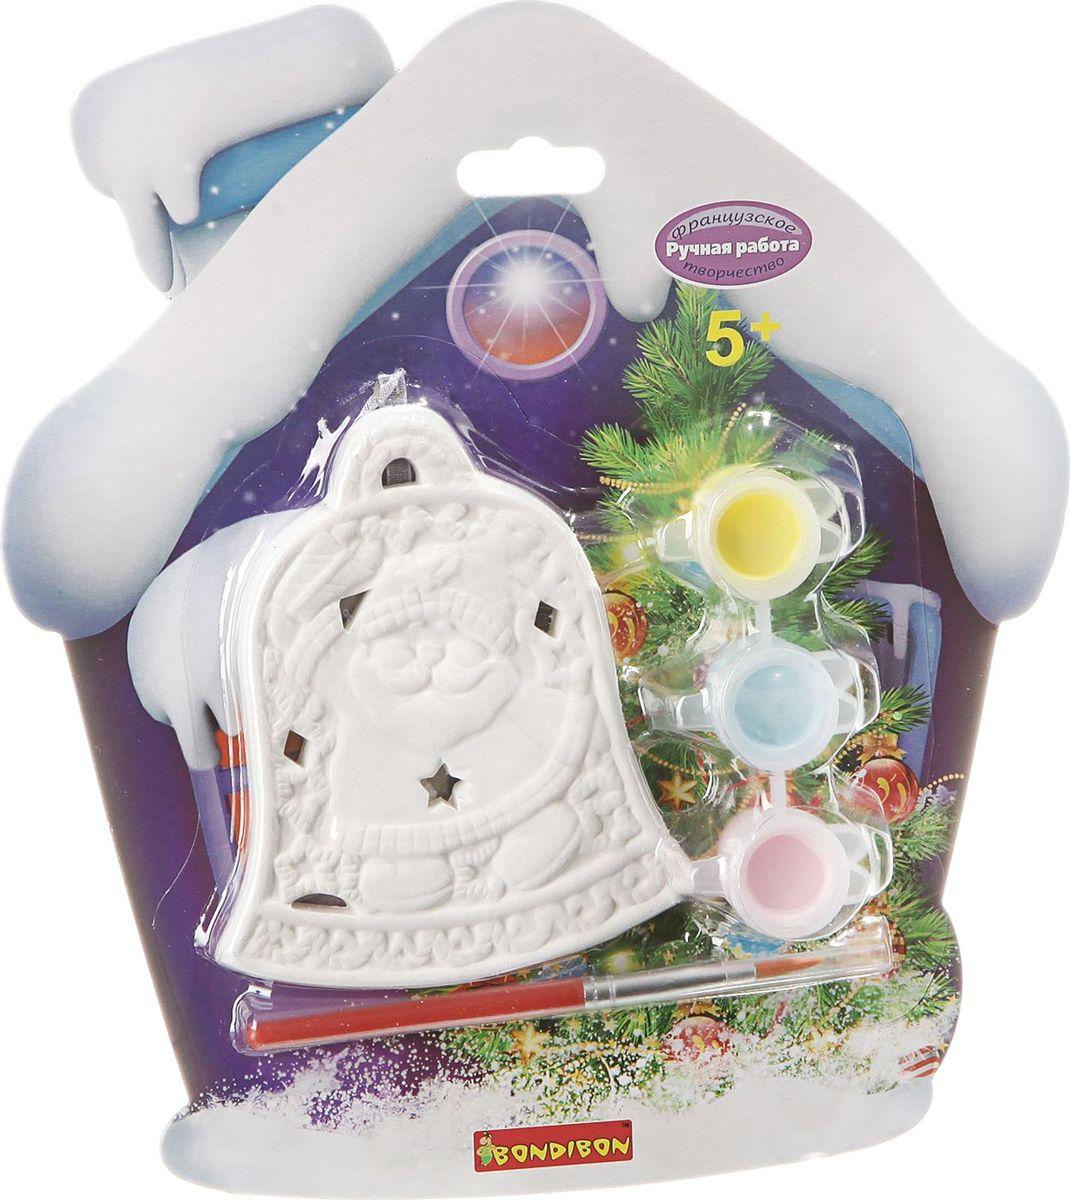 Bondibon Набор для изготовления игрушек Ёлочные украшения Колокольчик bondibon набор для изготовления игрушек из помпонов домашние питомцы